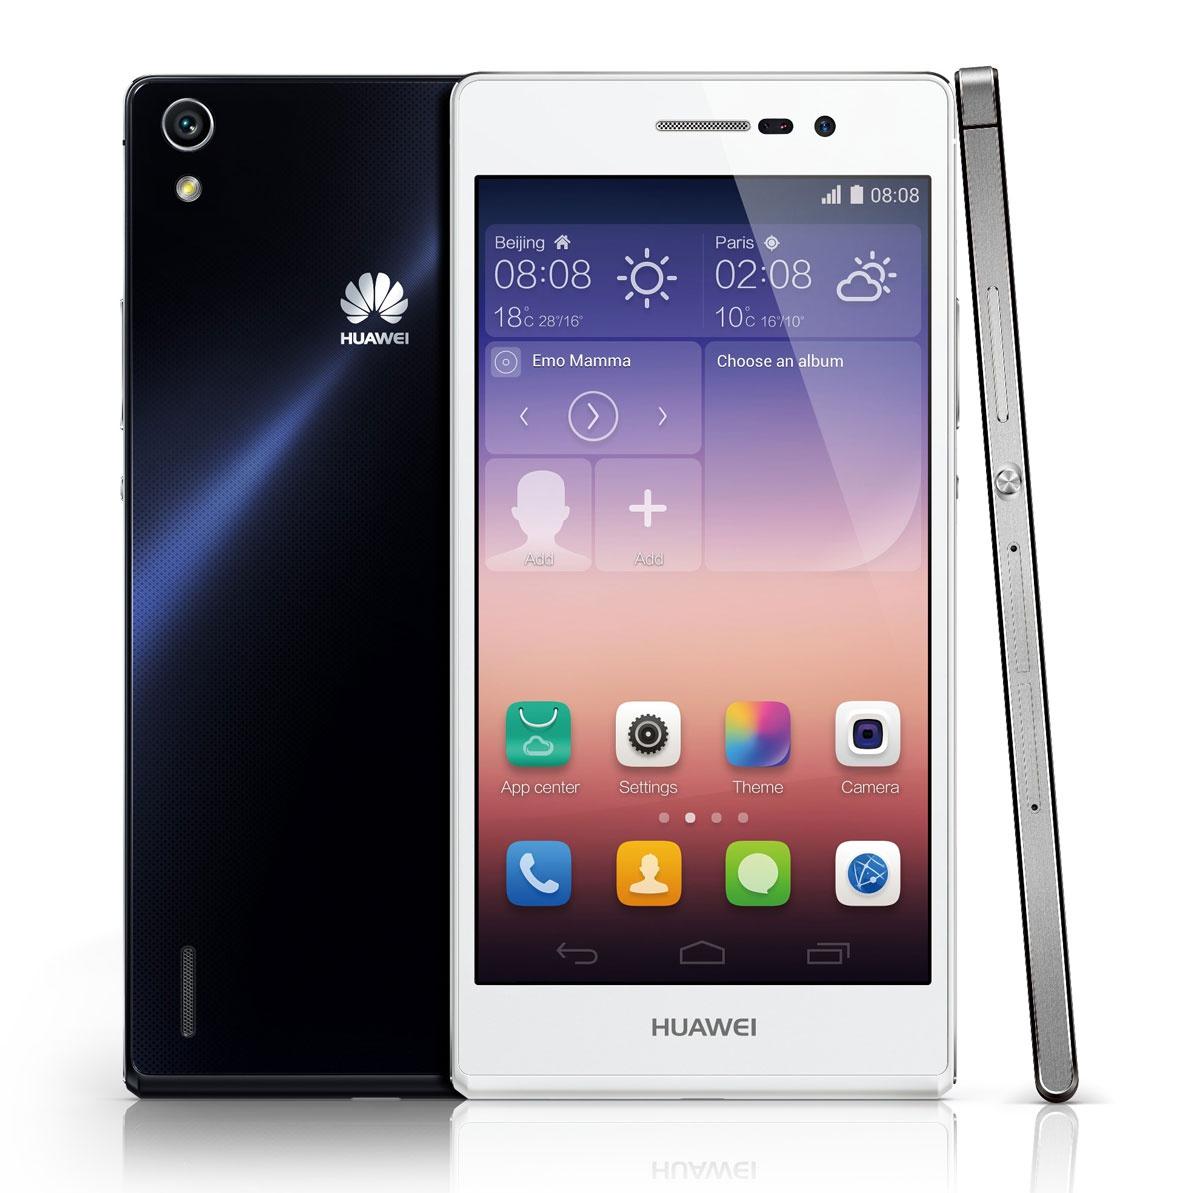 Ecco come devi fare per sbloccare il bootloader Huawei 2